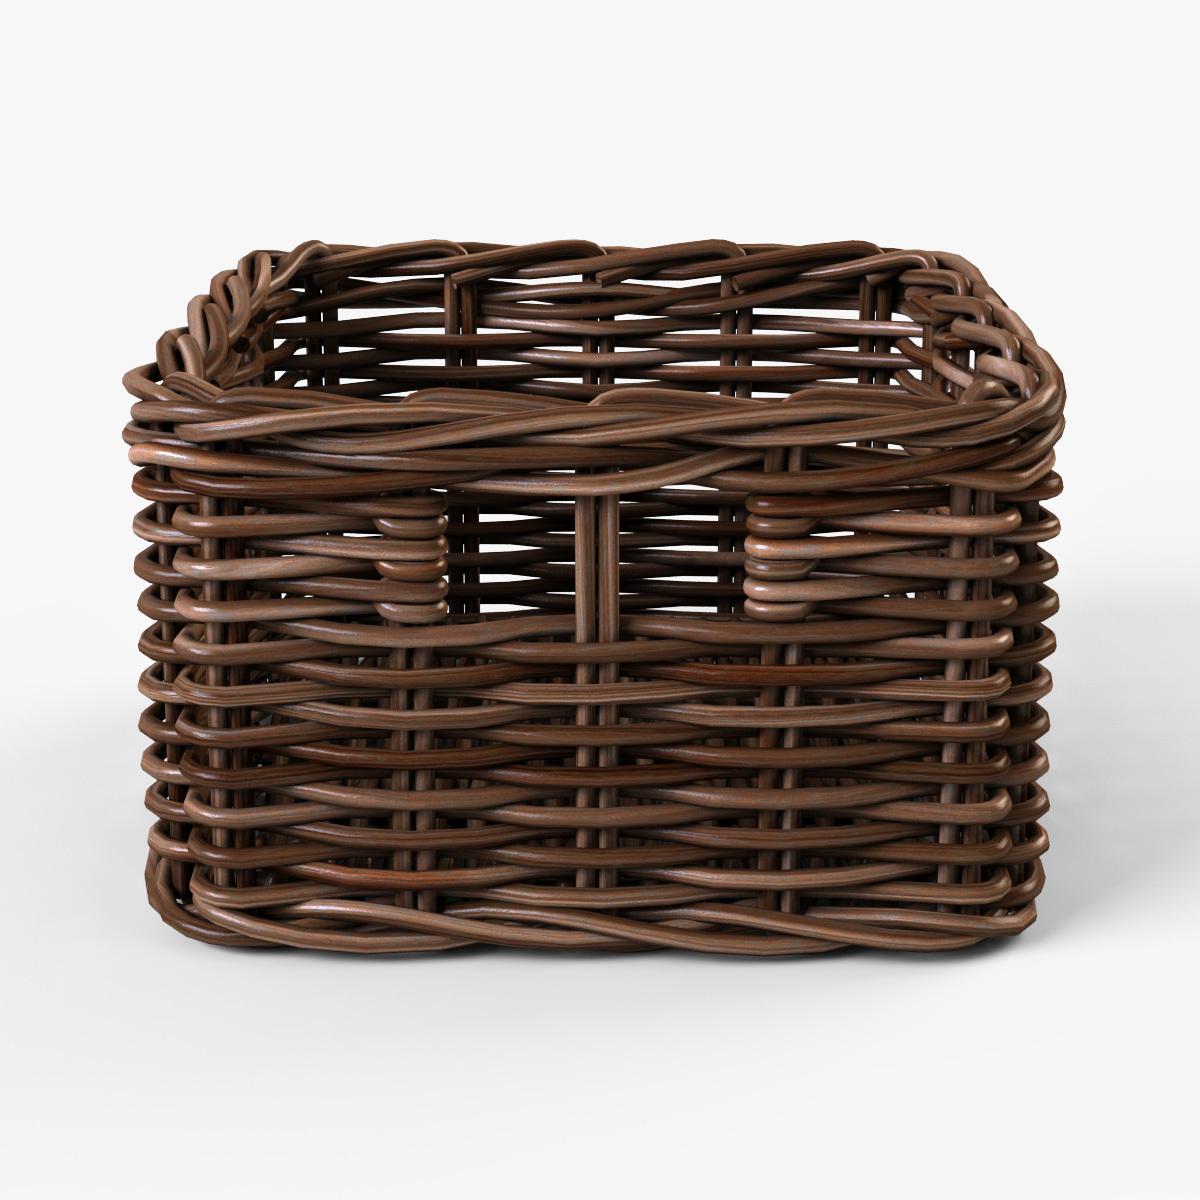 Wicker Basket Ikea Byholma 1 Brown